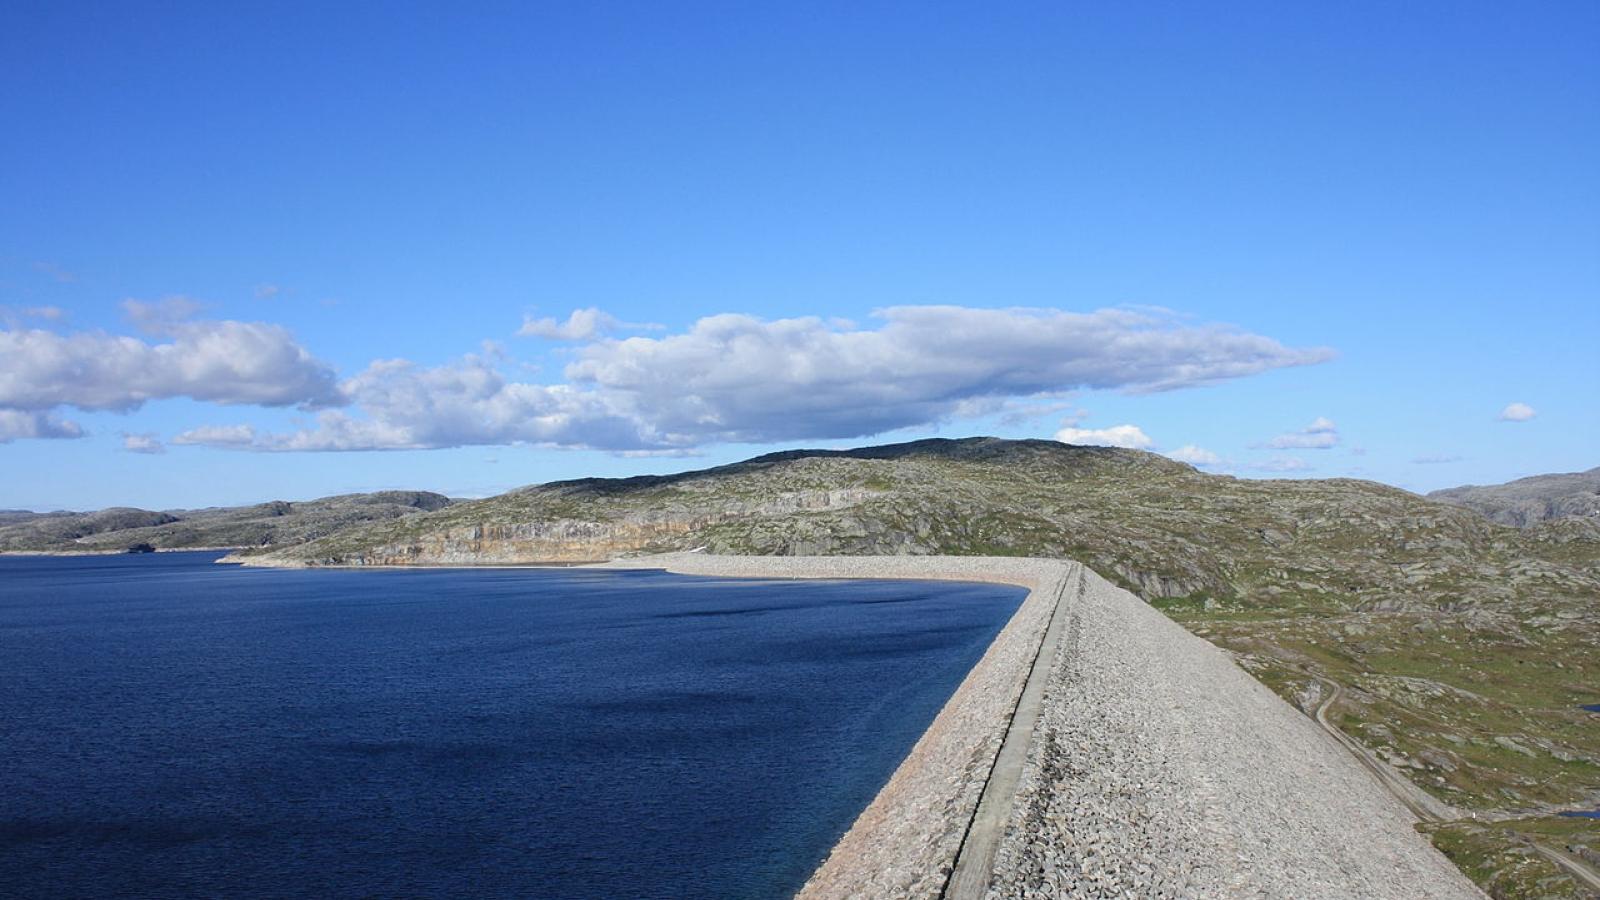 Storvassdammen og Blåsjø. Foto: Martin NH, Wikimedia Commons.